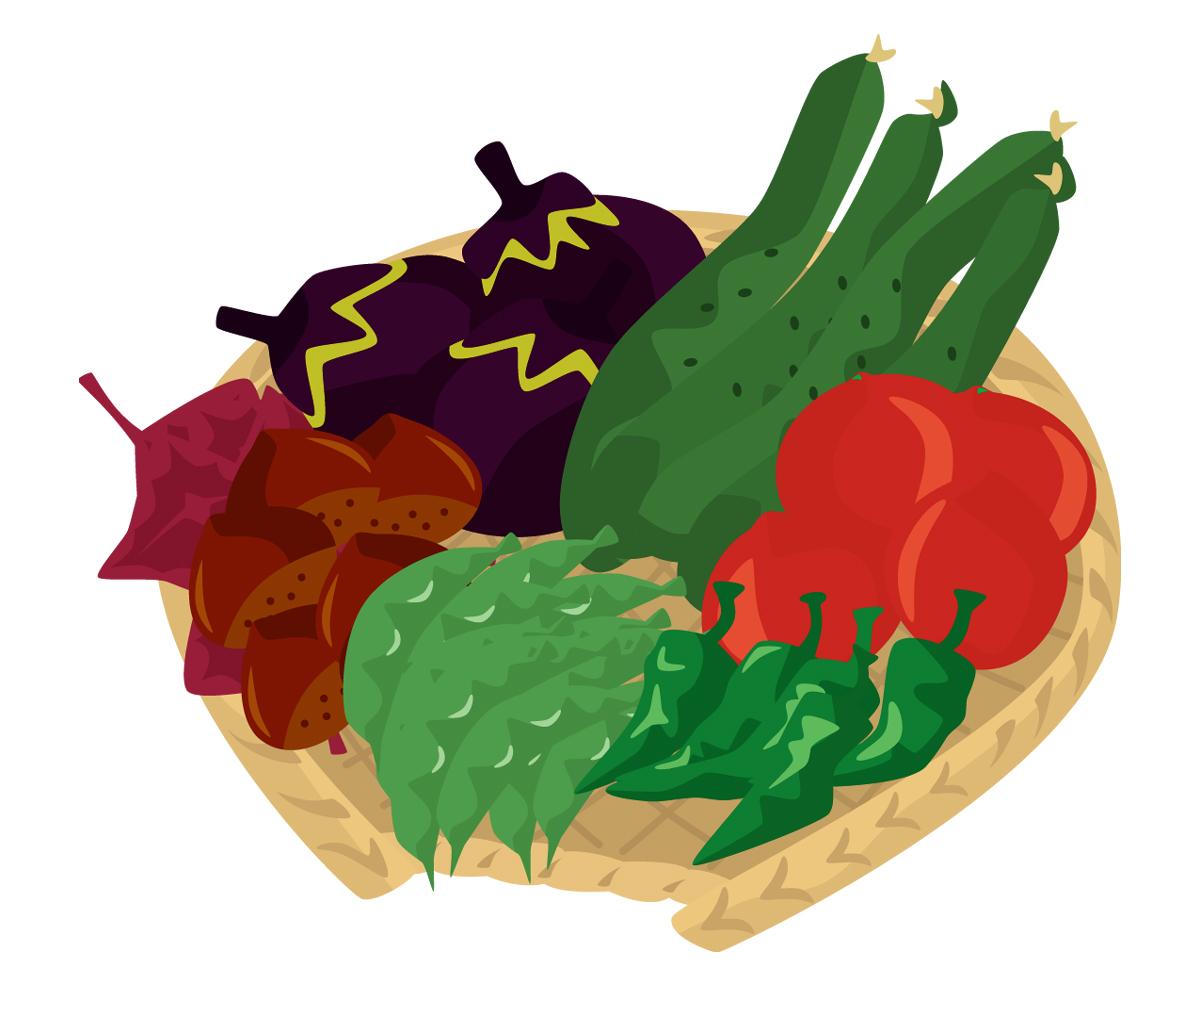 さあ、あなたも始めてみませんか~園芸で野菜を作ってみよう~のサムネイル画像